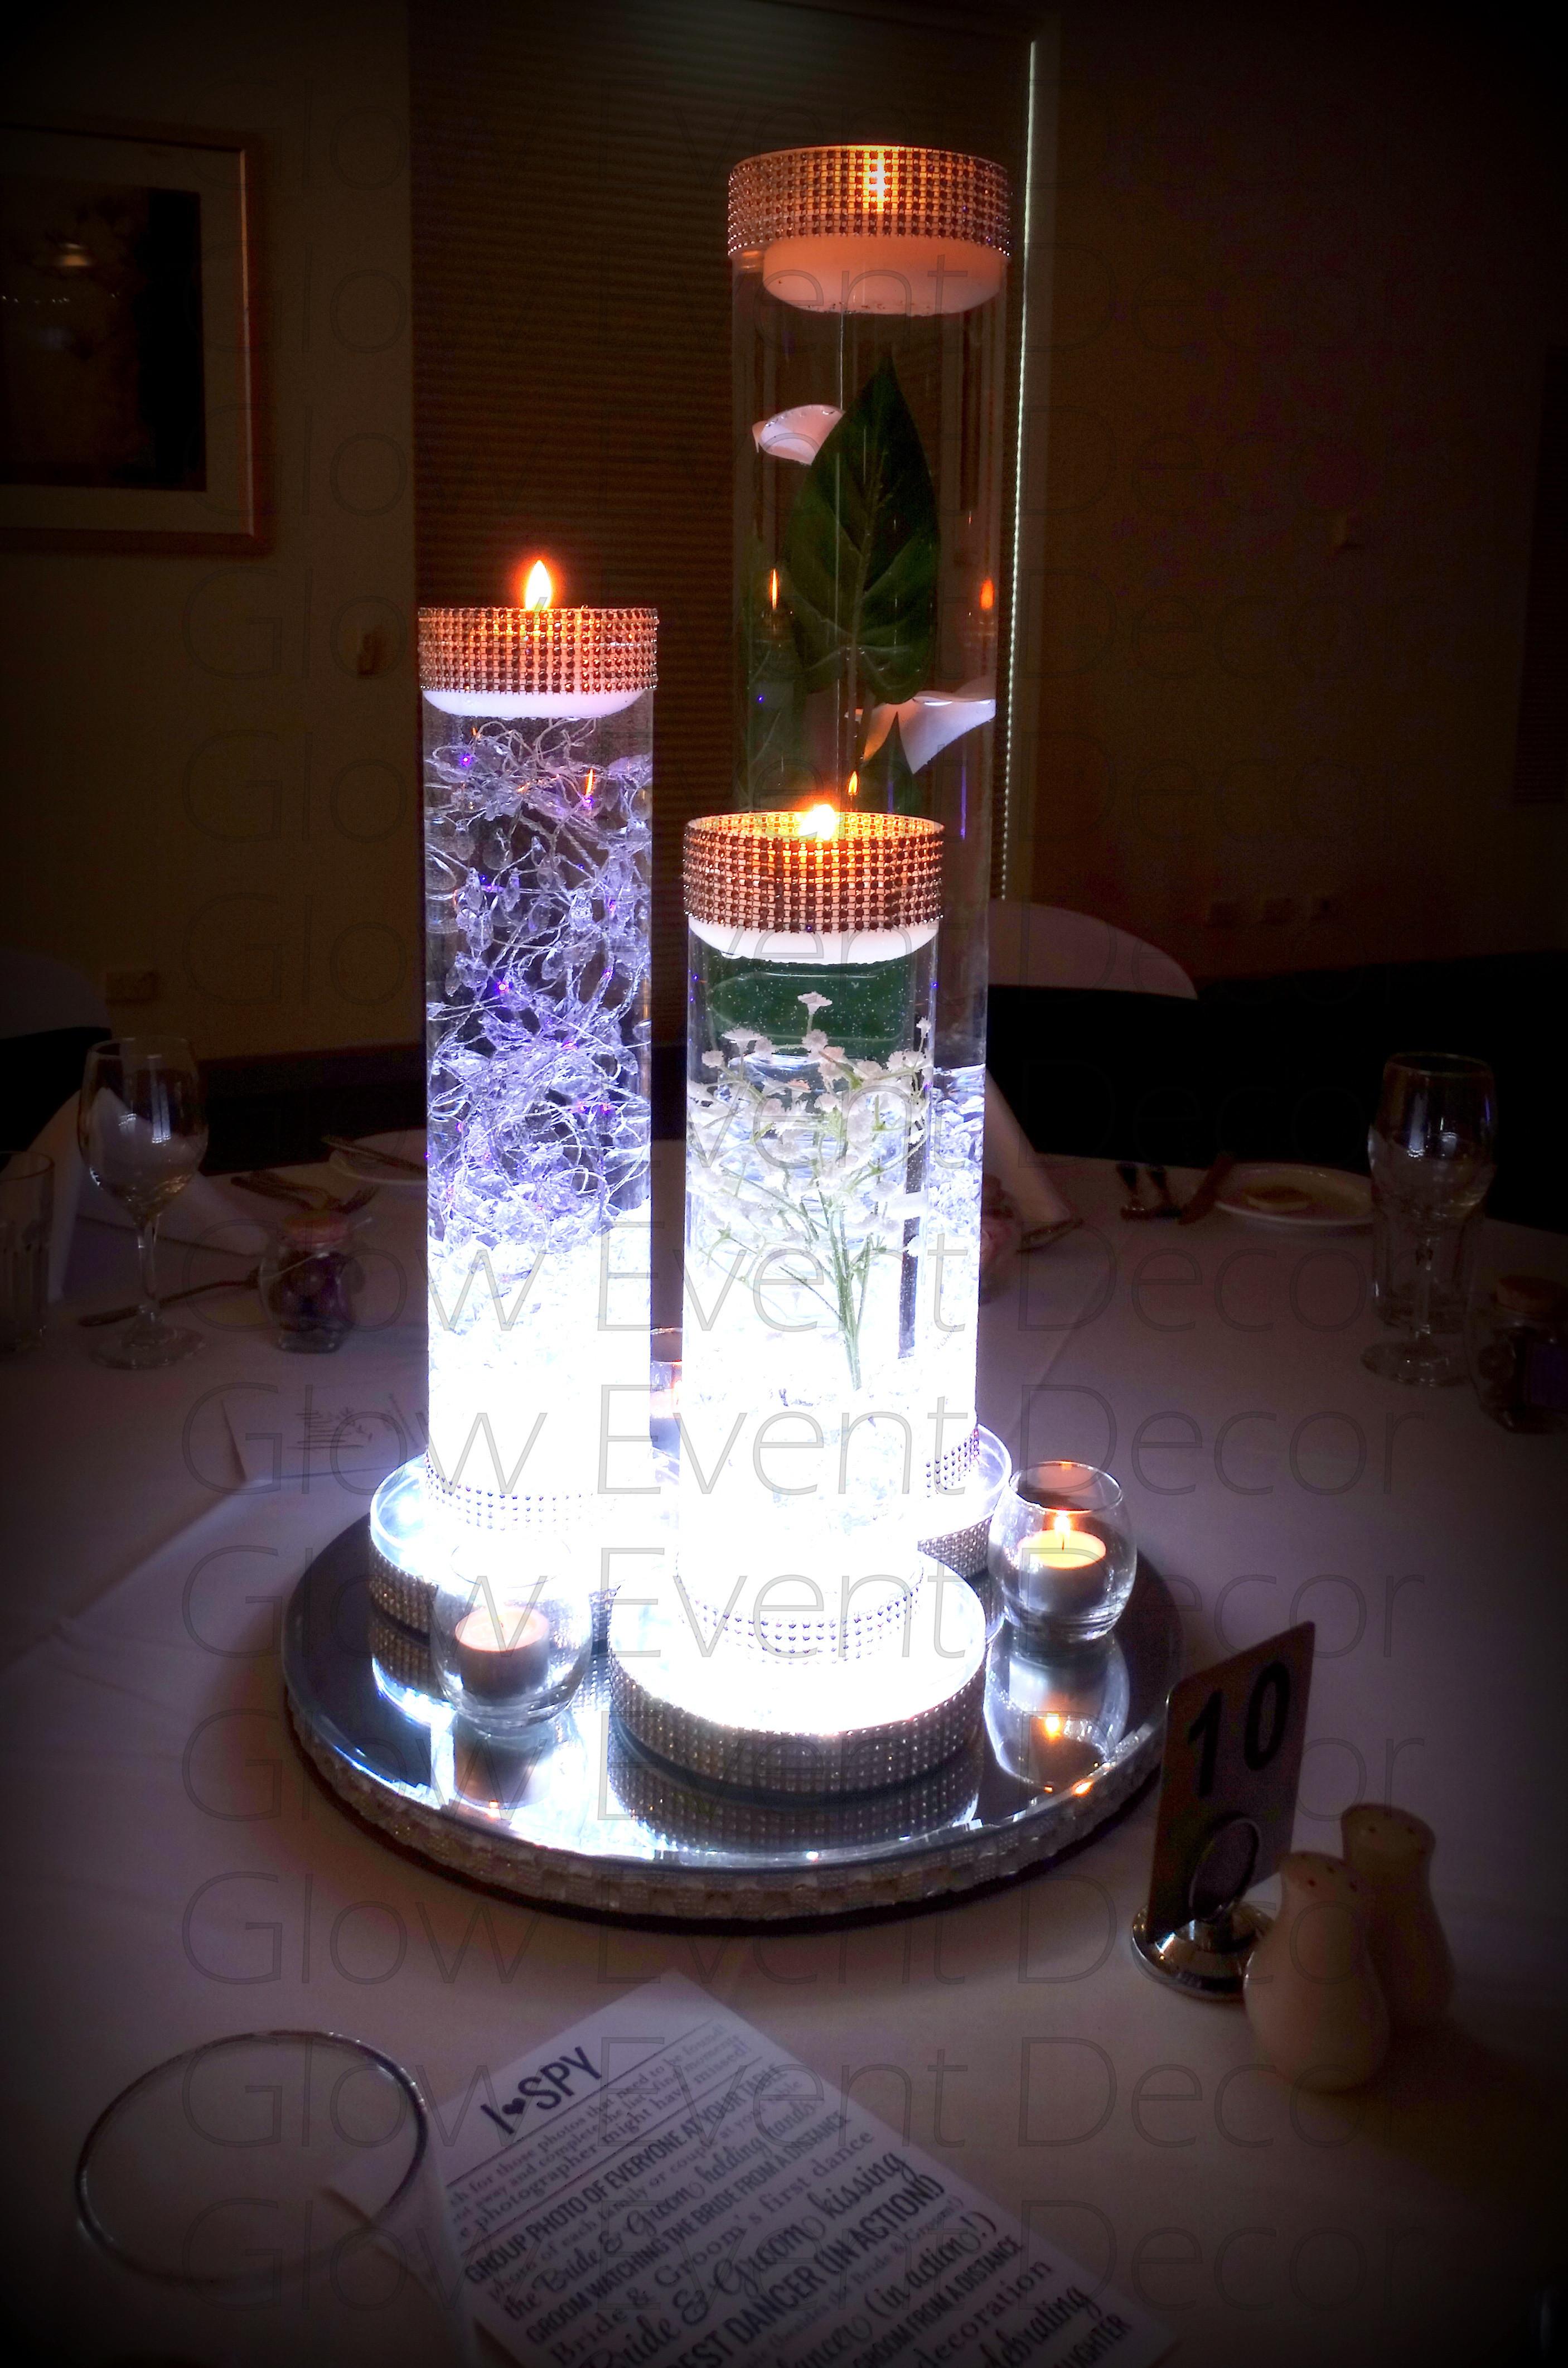 square vase stand of vase light base images led orchid cylinder vase vases artificial with regard to vase light base images led orchid cylinder vase of vase light base images led orchid cylinder